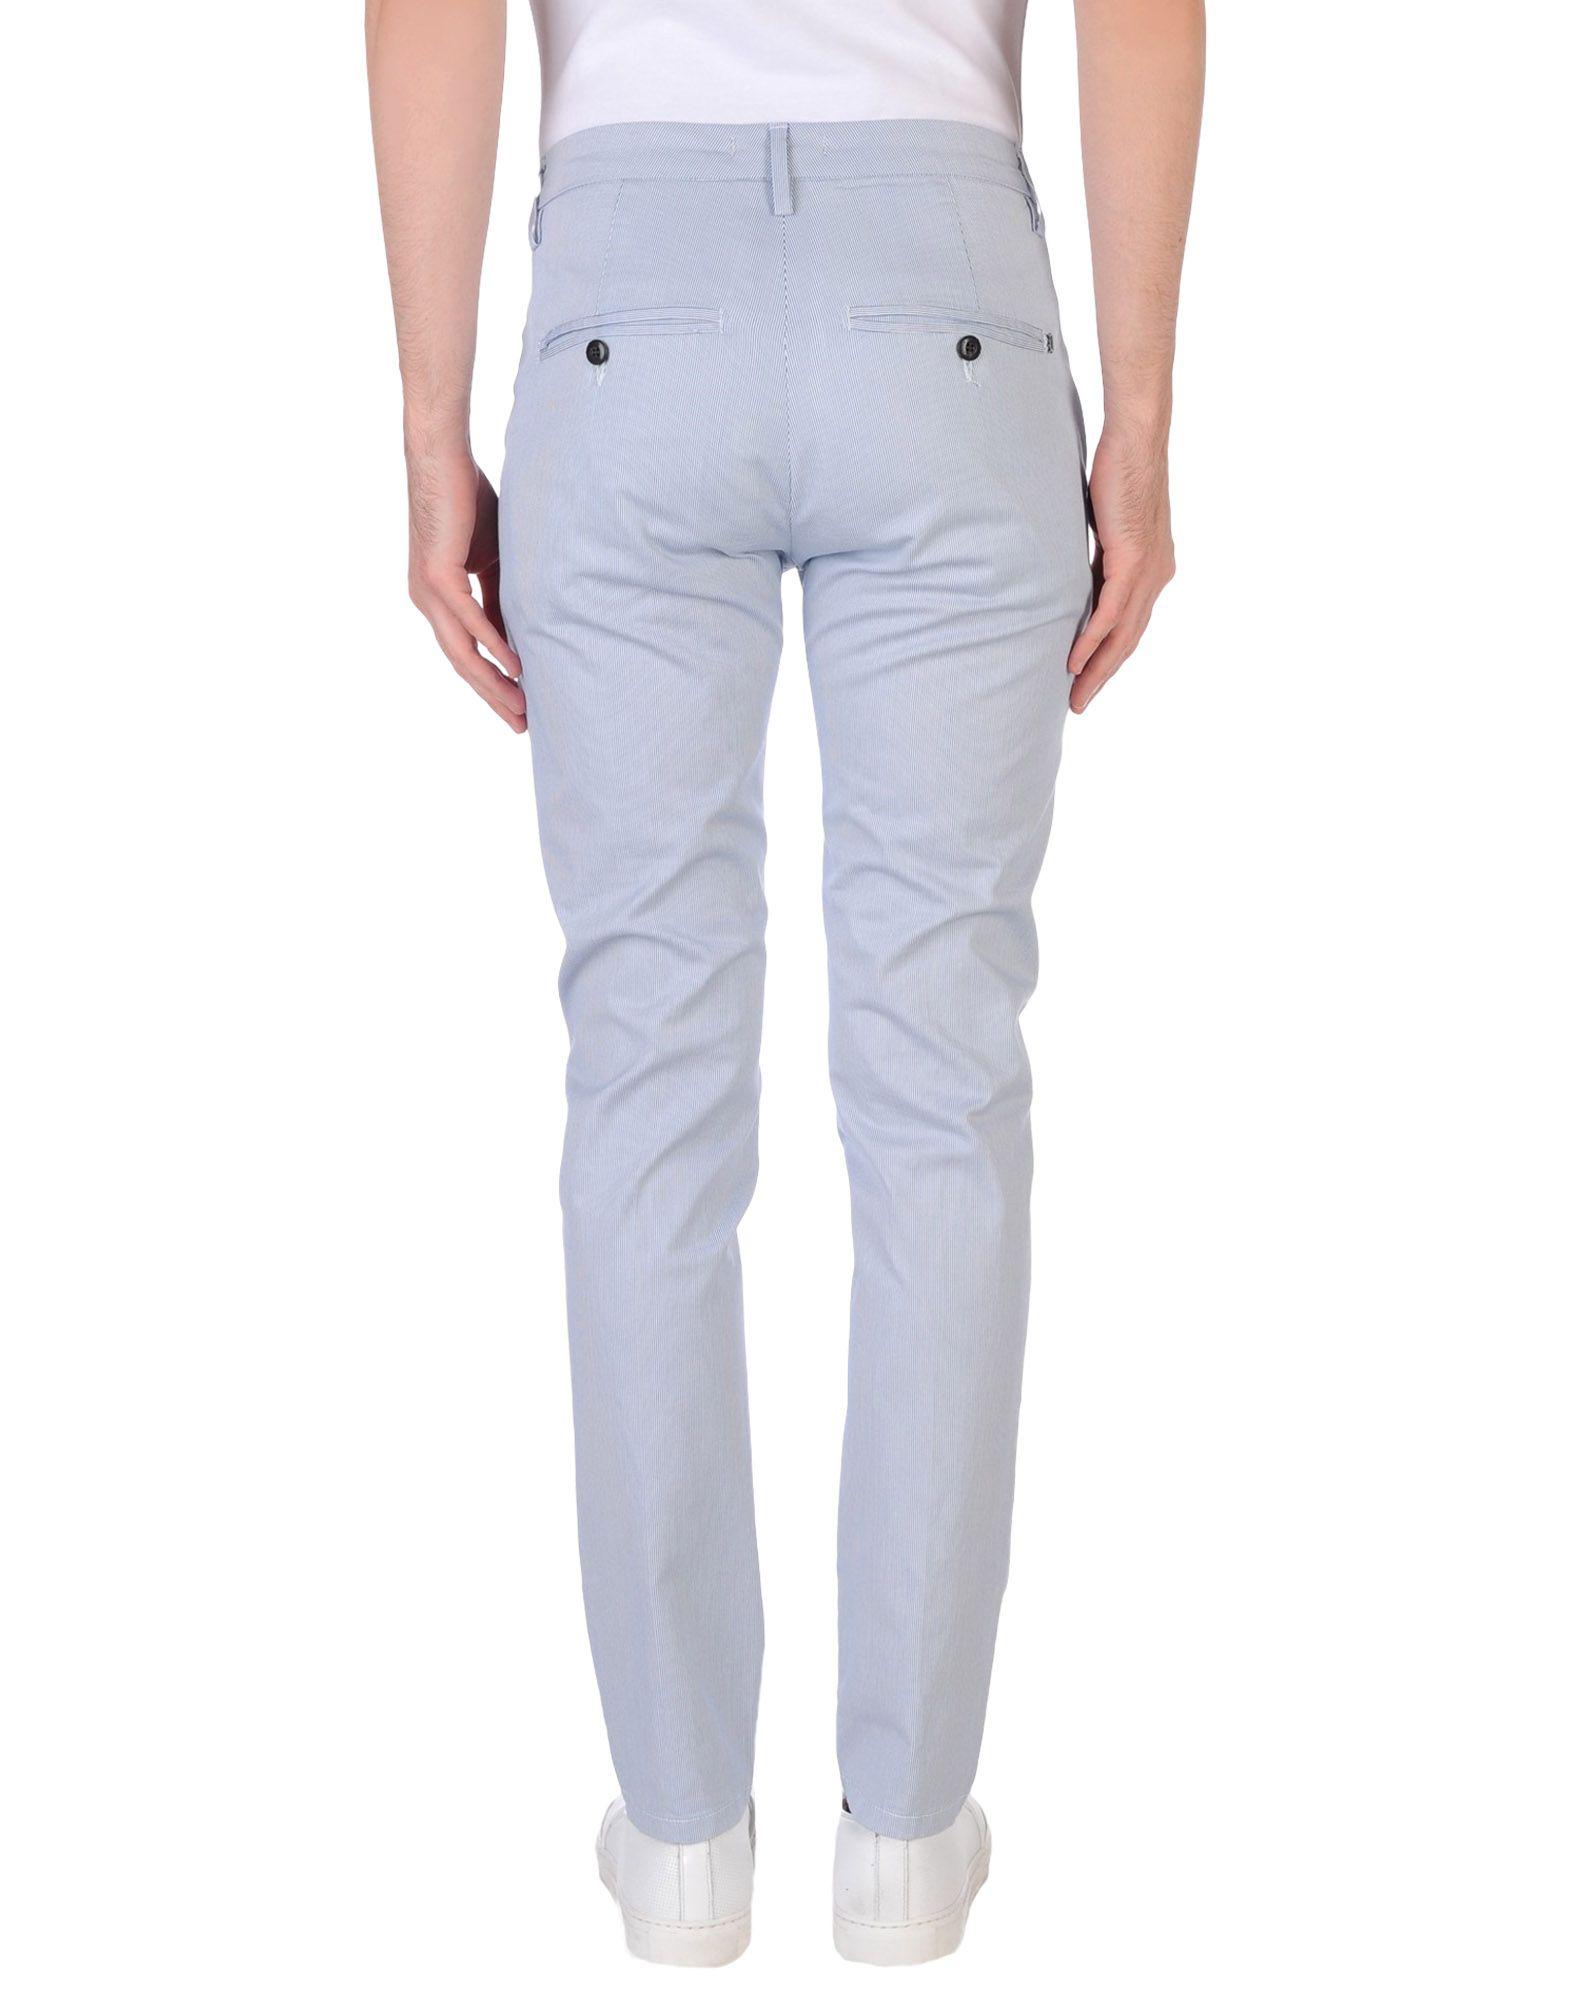 A A A buon mercato Pantalone Dondup Uomo - 13100694UA 35ad60